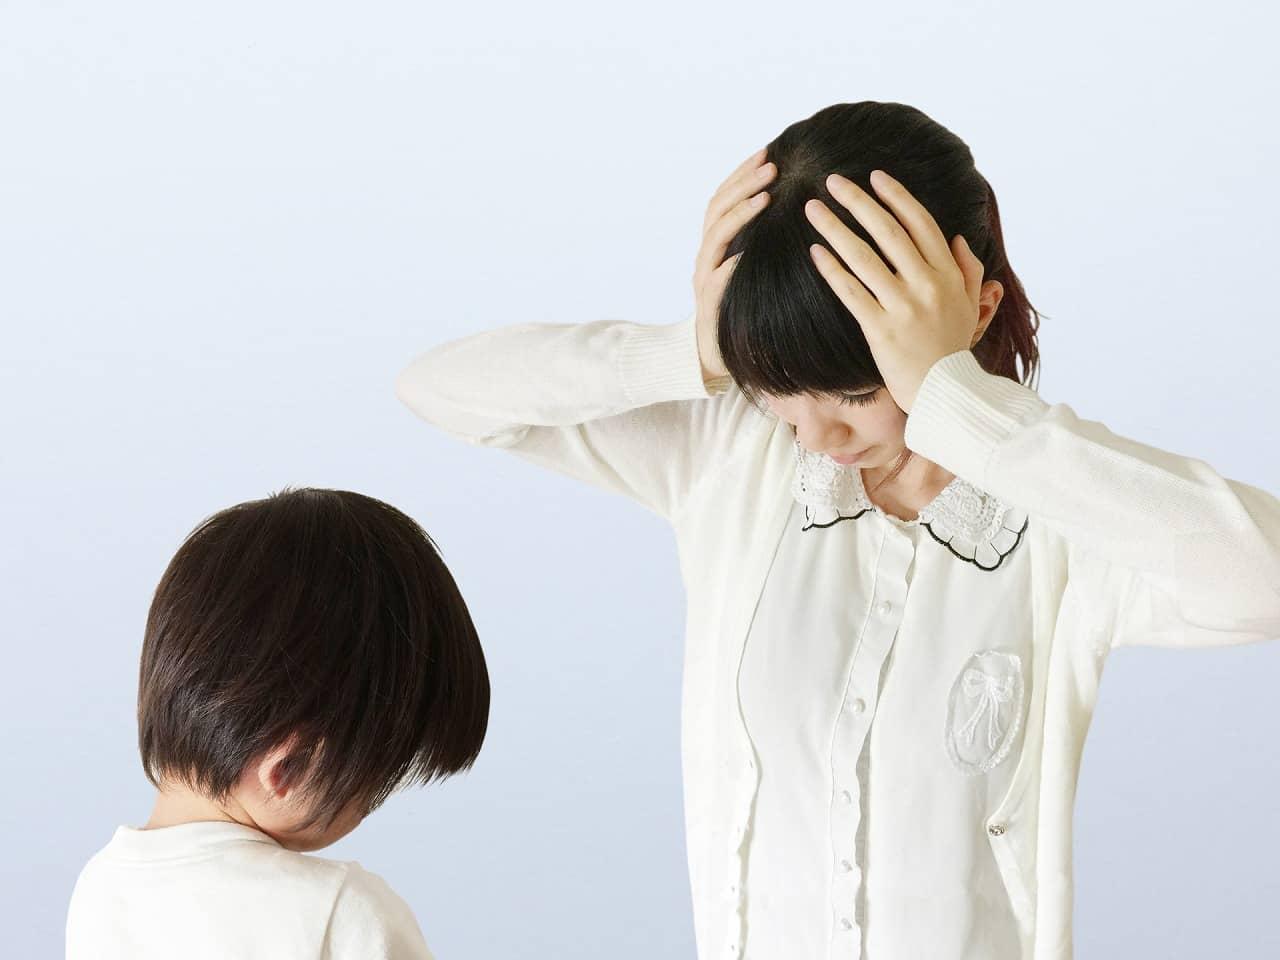 これって育児放棄かも?「子育てを放棄したい」と思ったらどうすればいい?